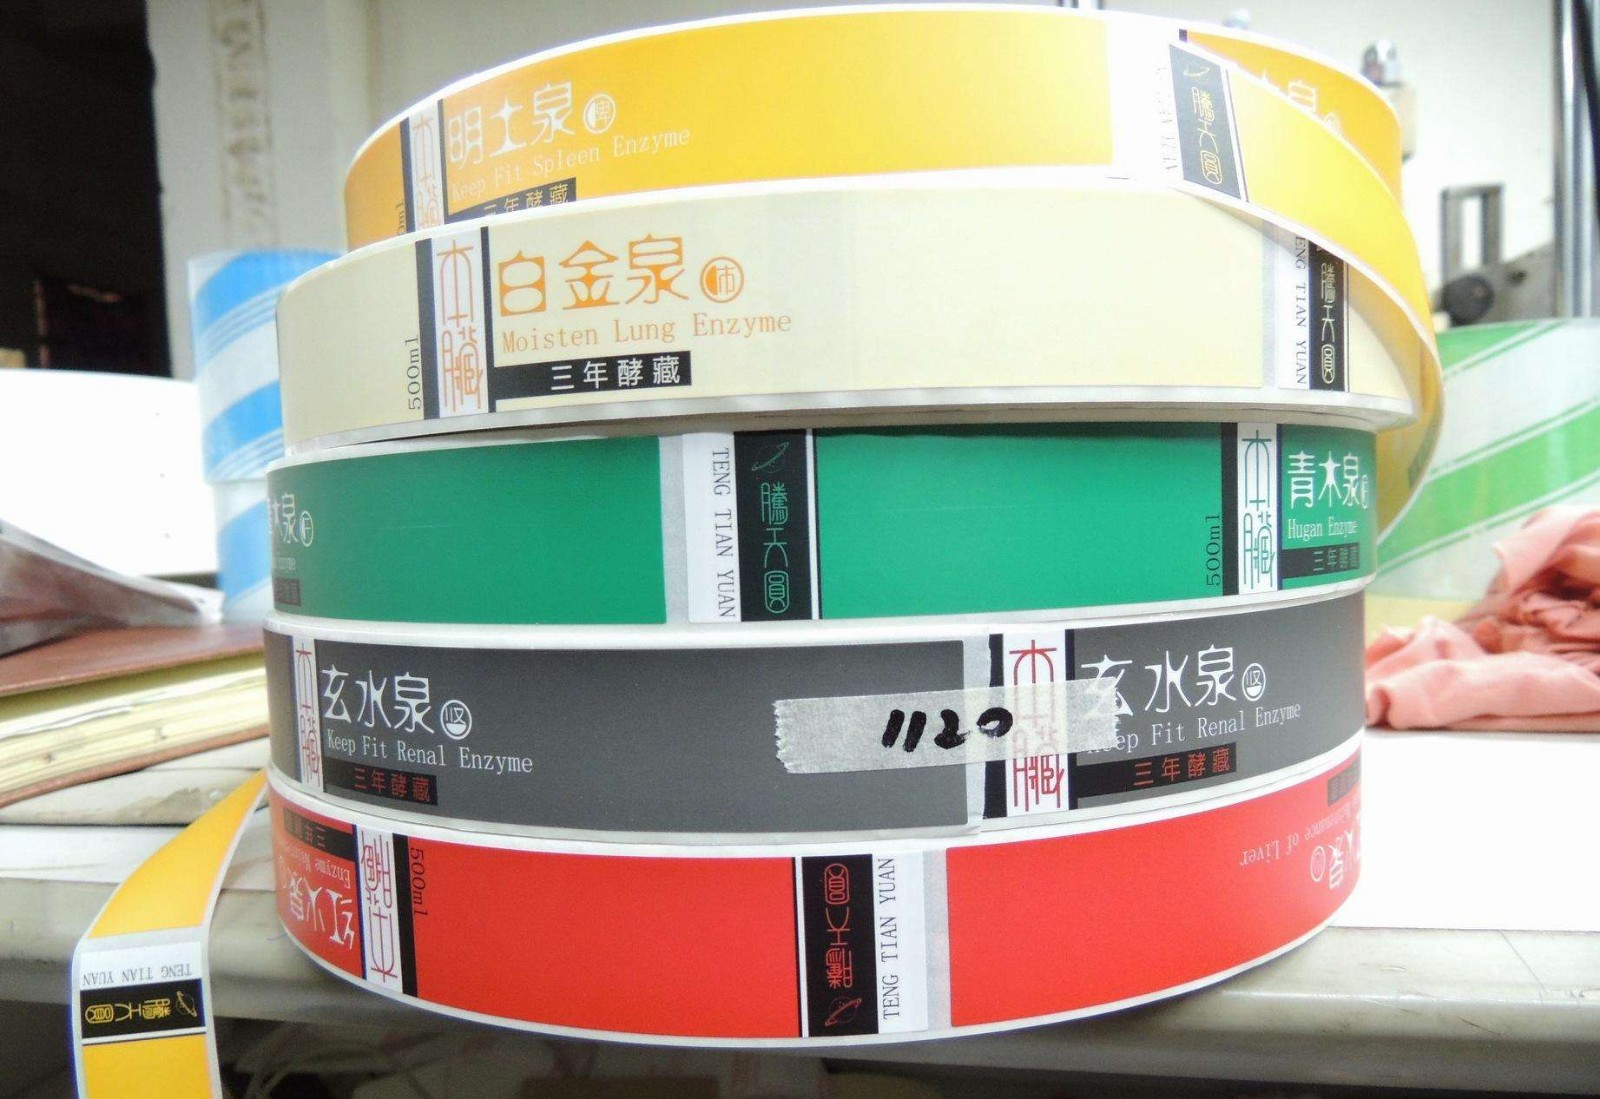 PB2-230标价纸供应厂家_标价机标签机相关-深圳市荣诚兴包装制品有限公司